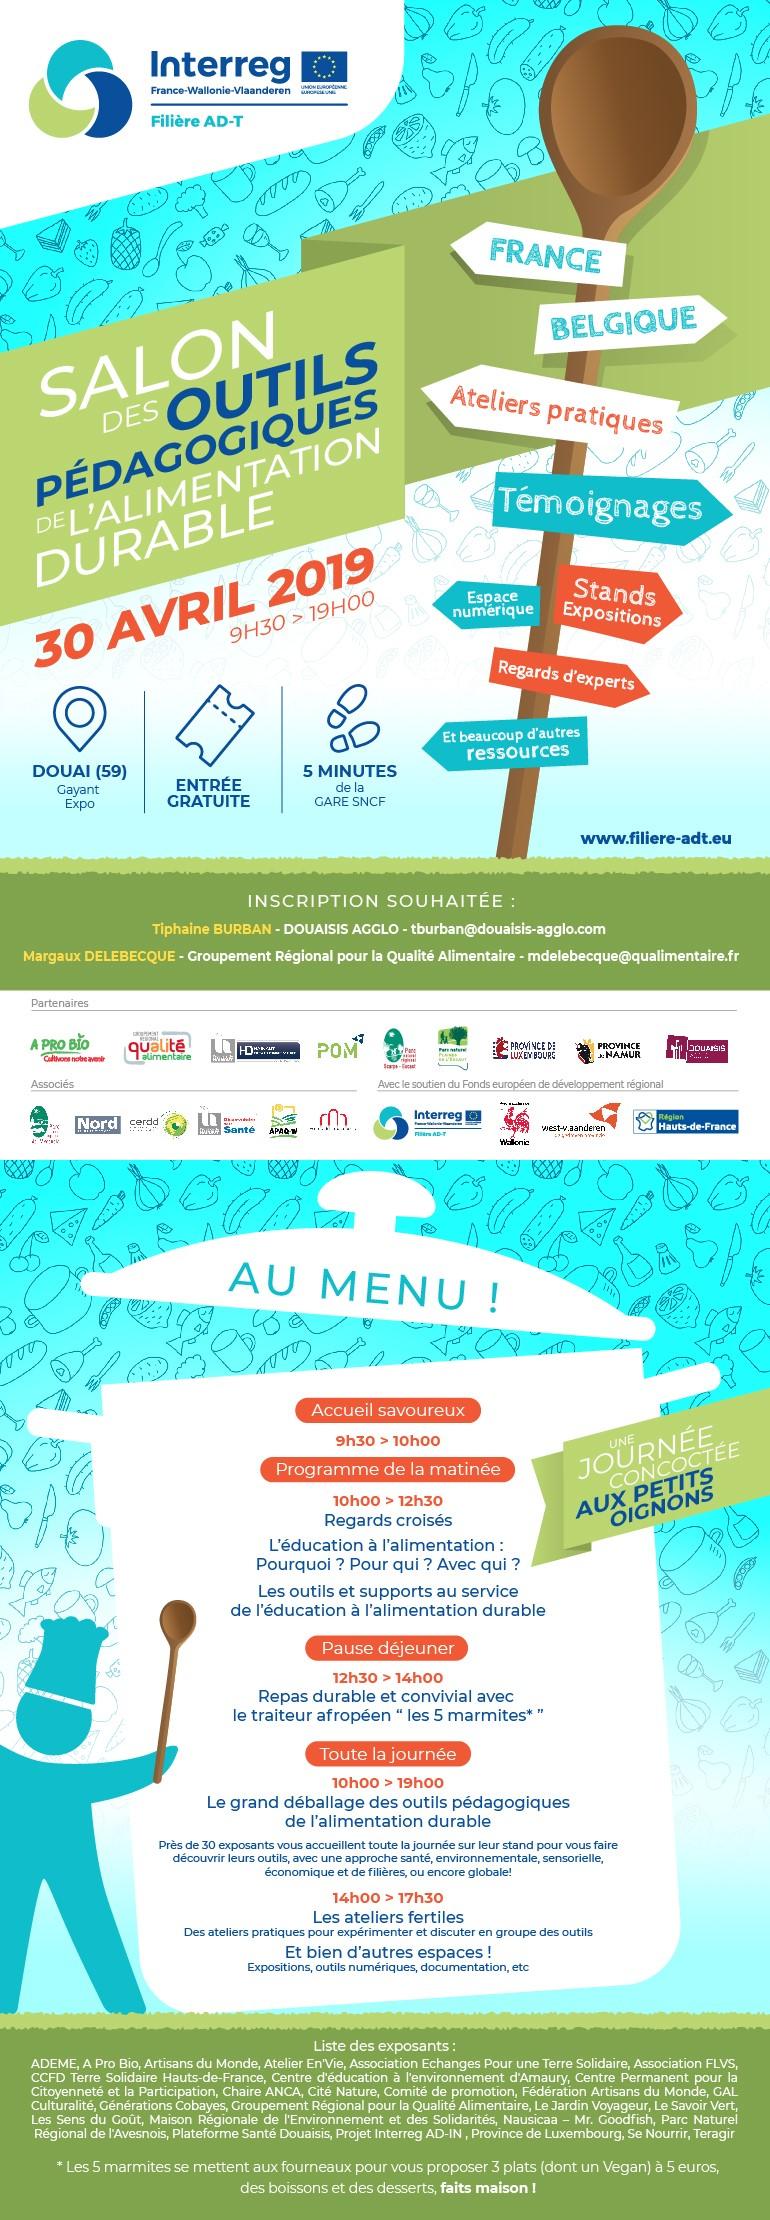 Salon des outils pédagogiques de l'alimentation durable | 30 avril 2019